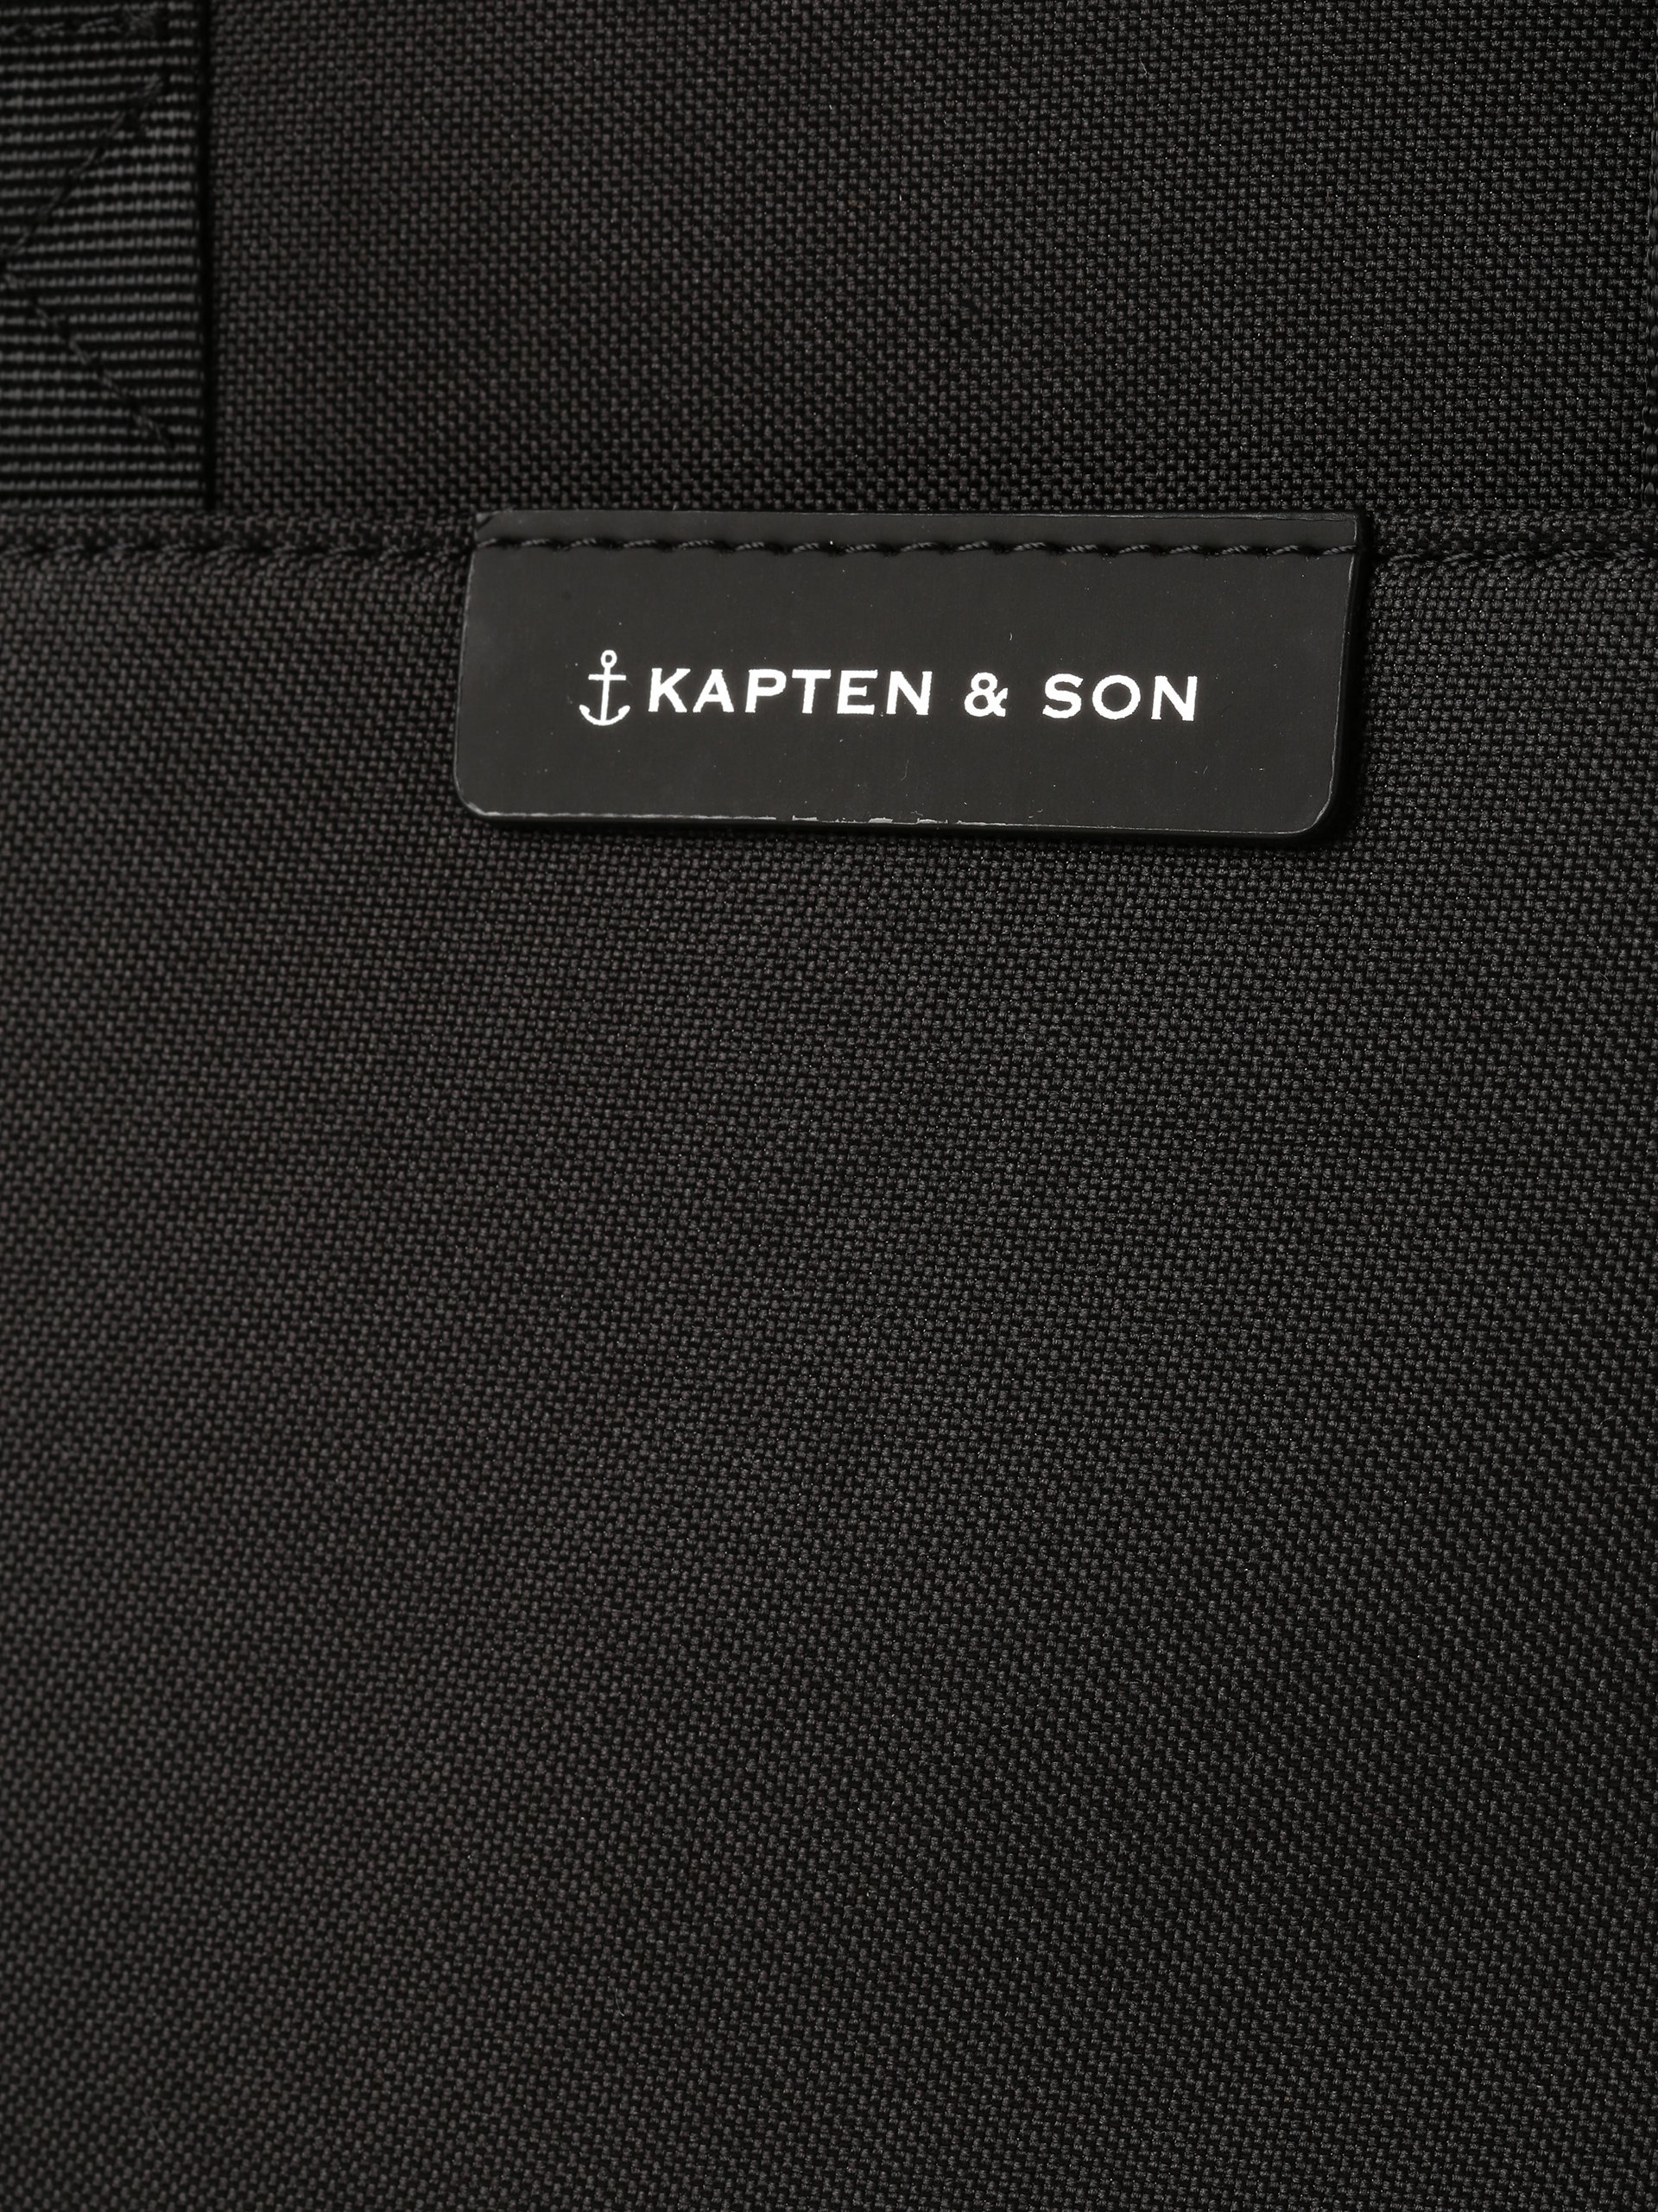 Kapten and Son Damen Rucksack - Malmö